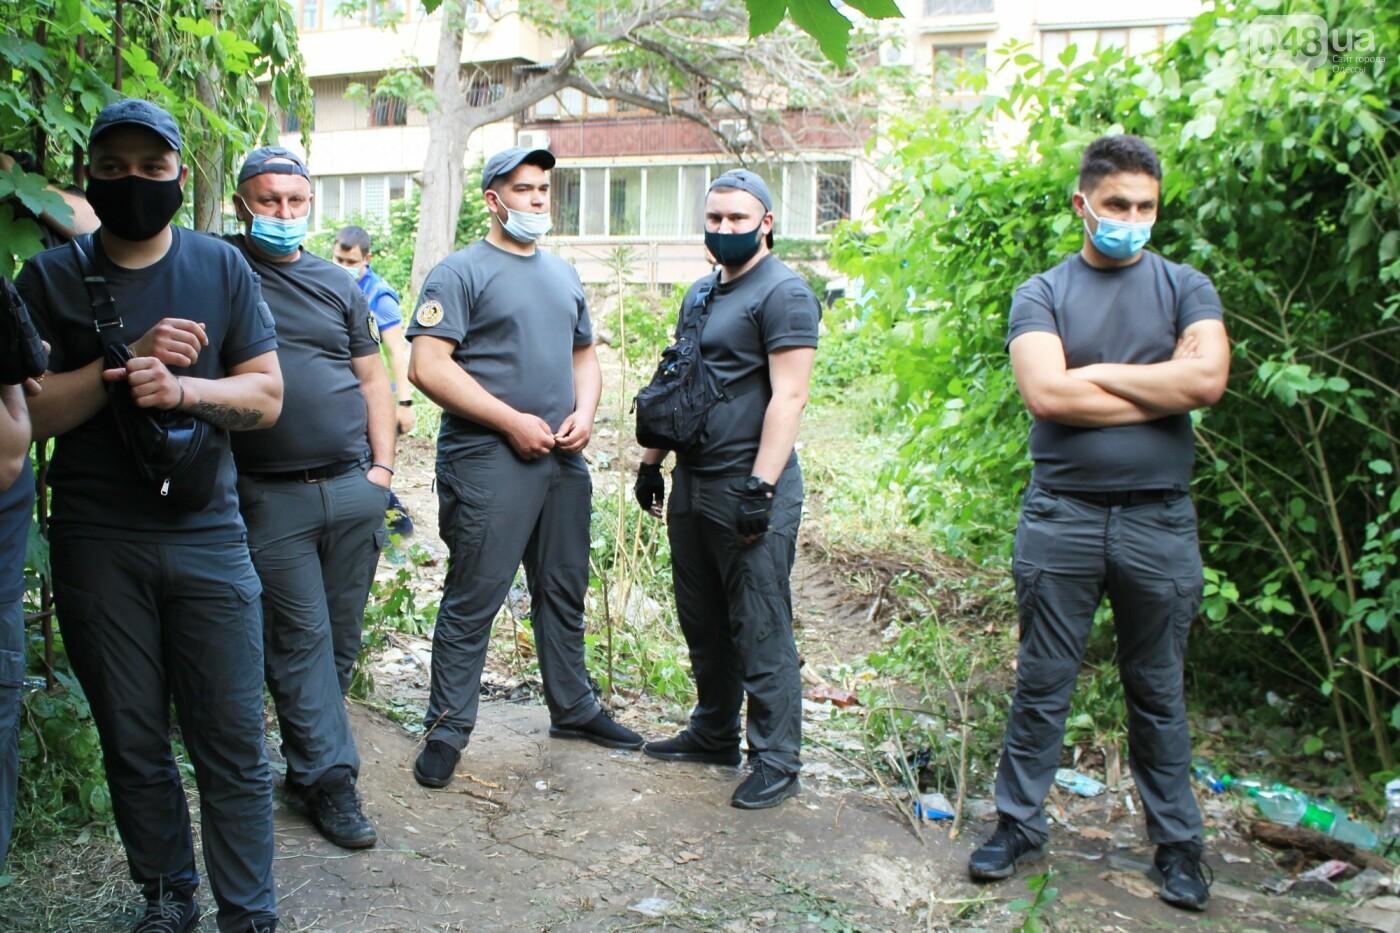 Локальная экологическая катастрофа: чем мог обернуться рейдерский захват в Одессе, - ФОТО, ВИДЕО, фото-3